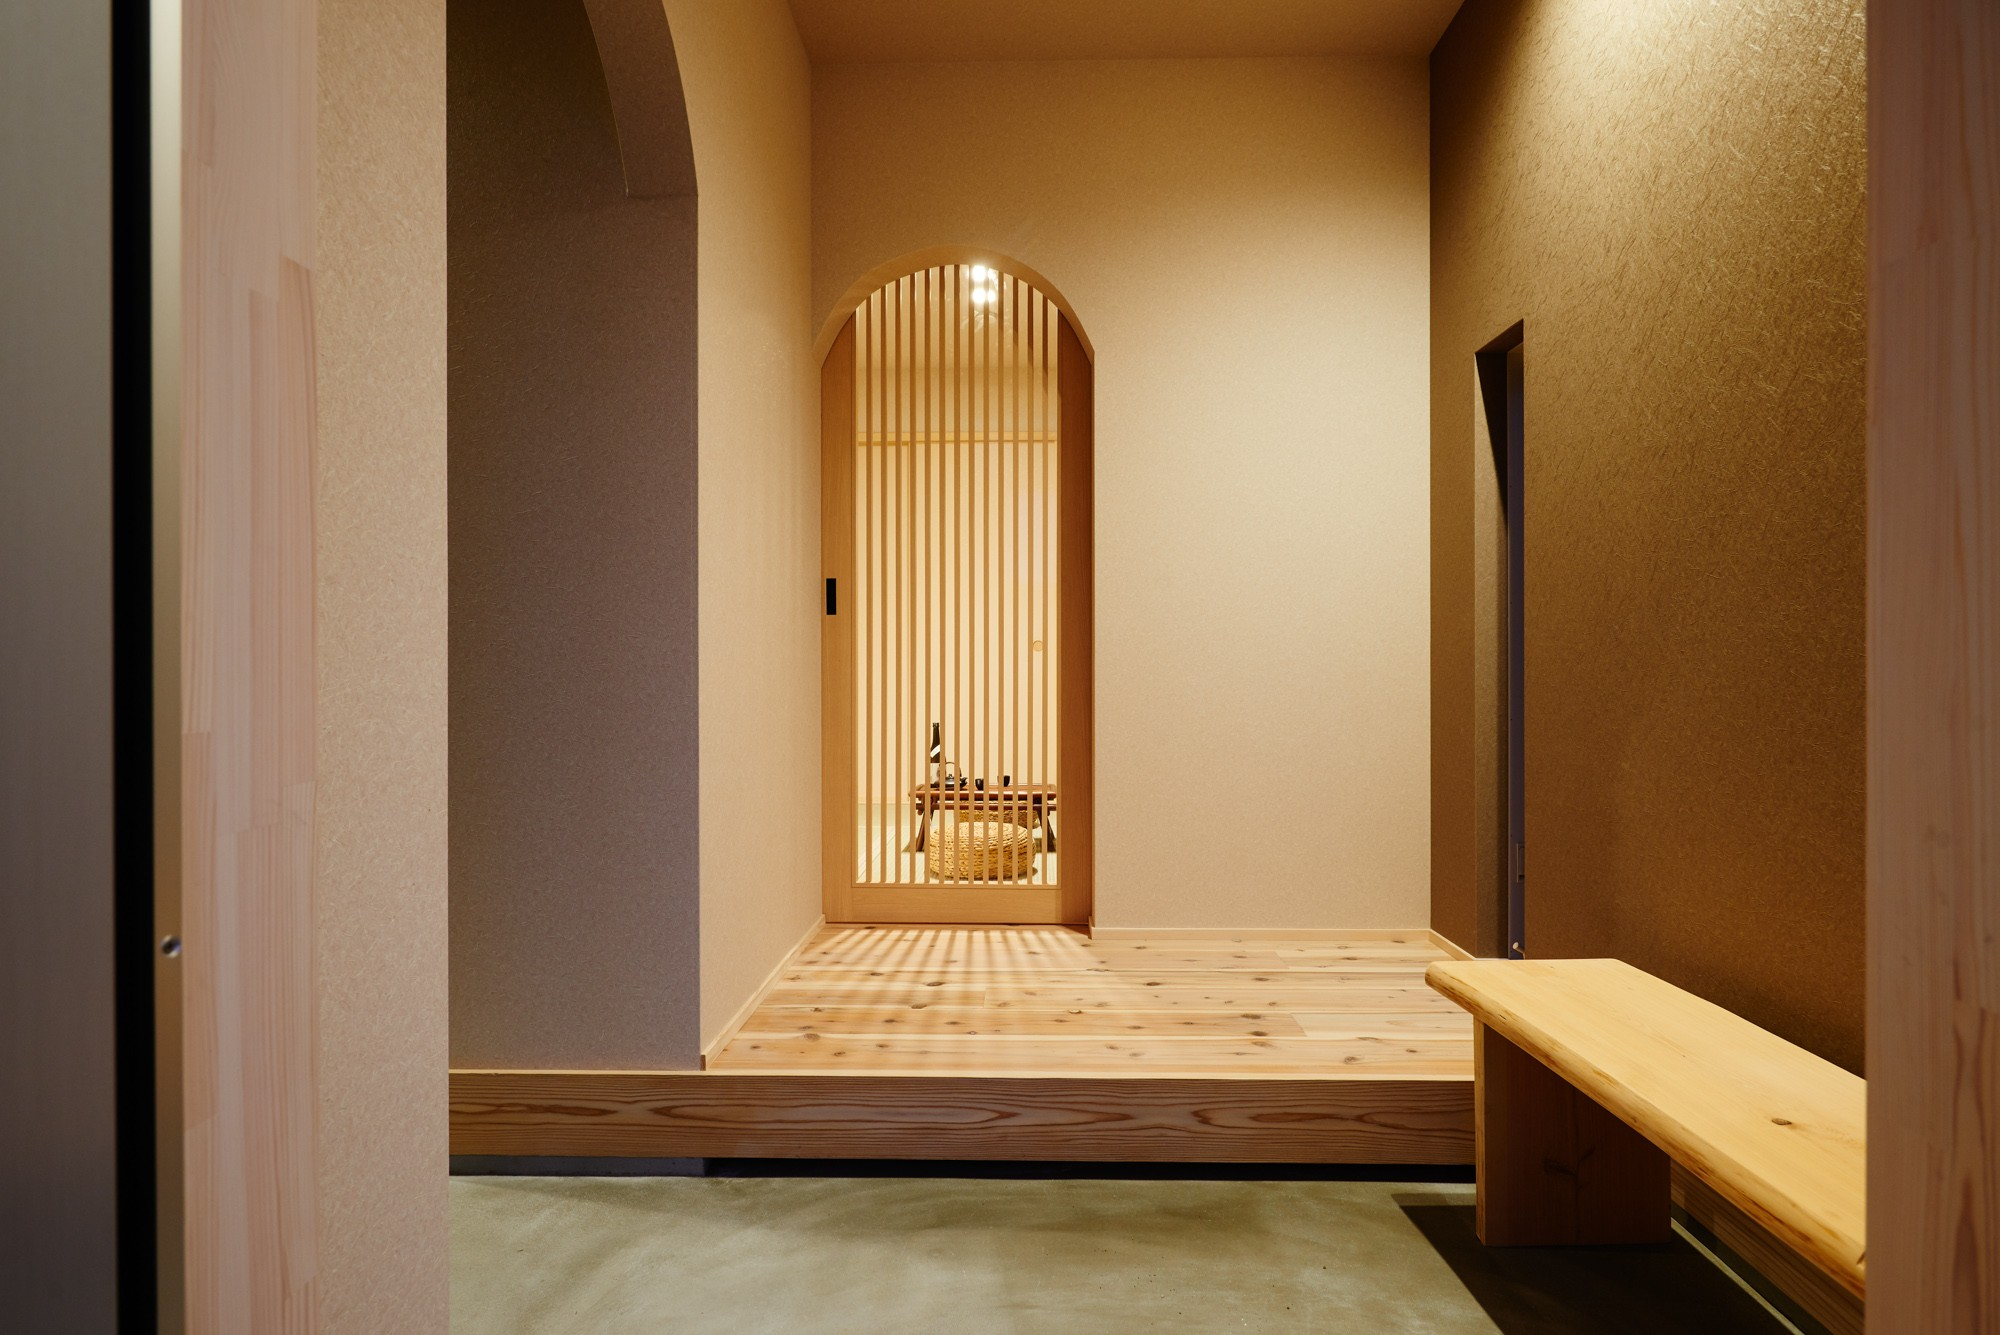 玄関事例:木製格子建具・玄関ホール(ナチュラルで柔らかい空気感)